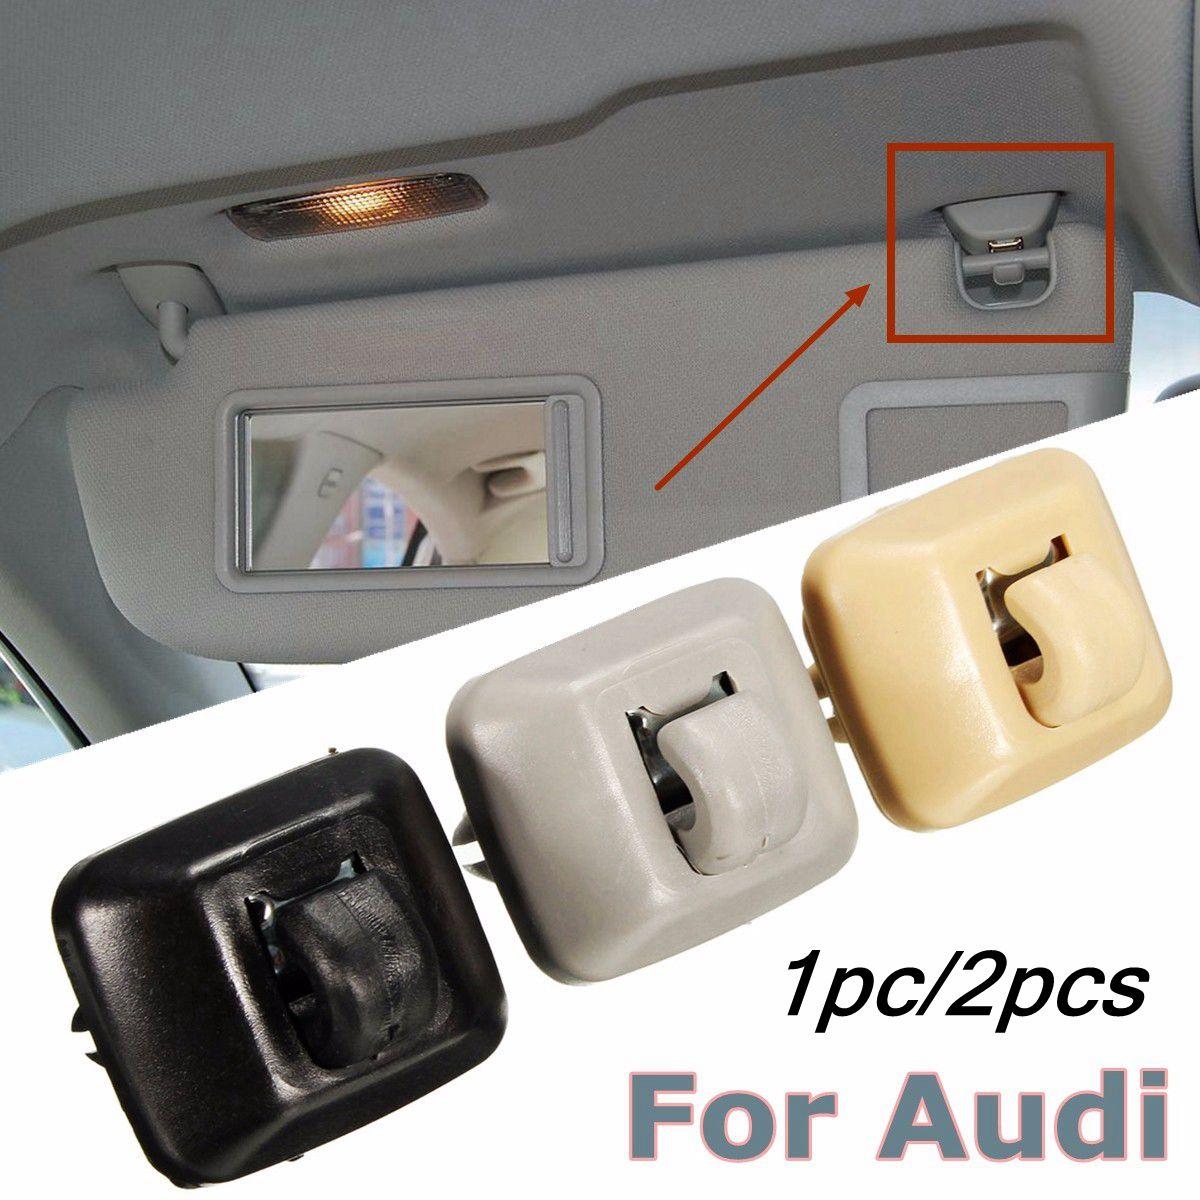 2pcs Black/Grey/Beige Inner Sun Visor Hanger Hook Clip Bracket Fit For Audi A1 A3 A4 A5 Q3 Q5 2013-2015 8E0857562A 8E0857562